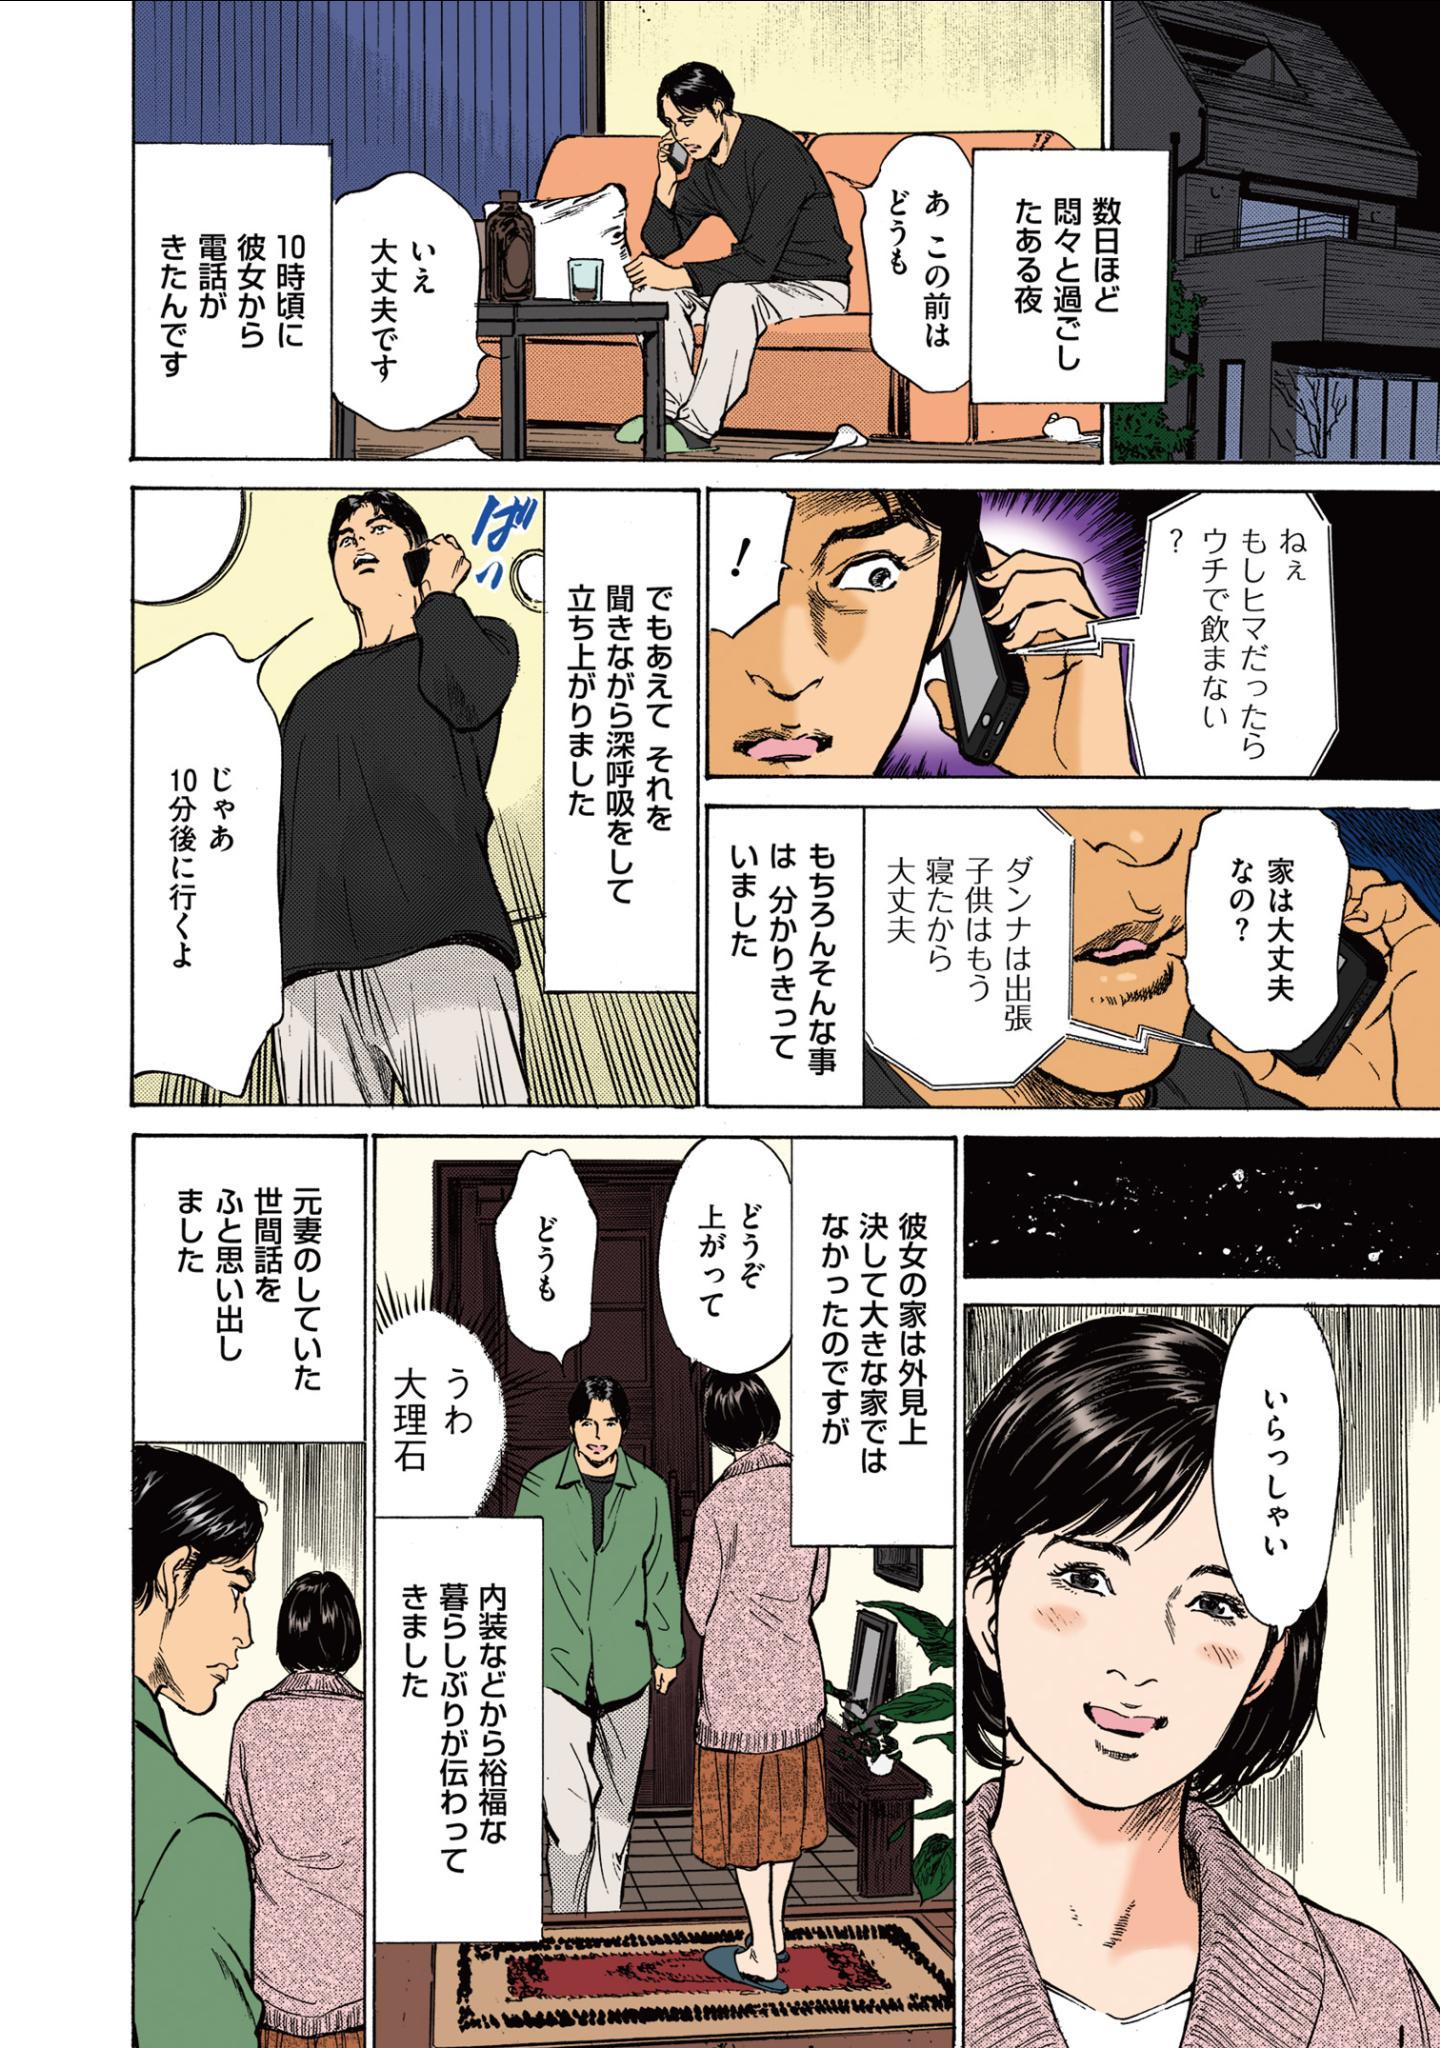 [Hazuki Kaoru] Hazuki Kaoru no Tamaranai Hanashi (Full Color Version) 1-2 89